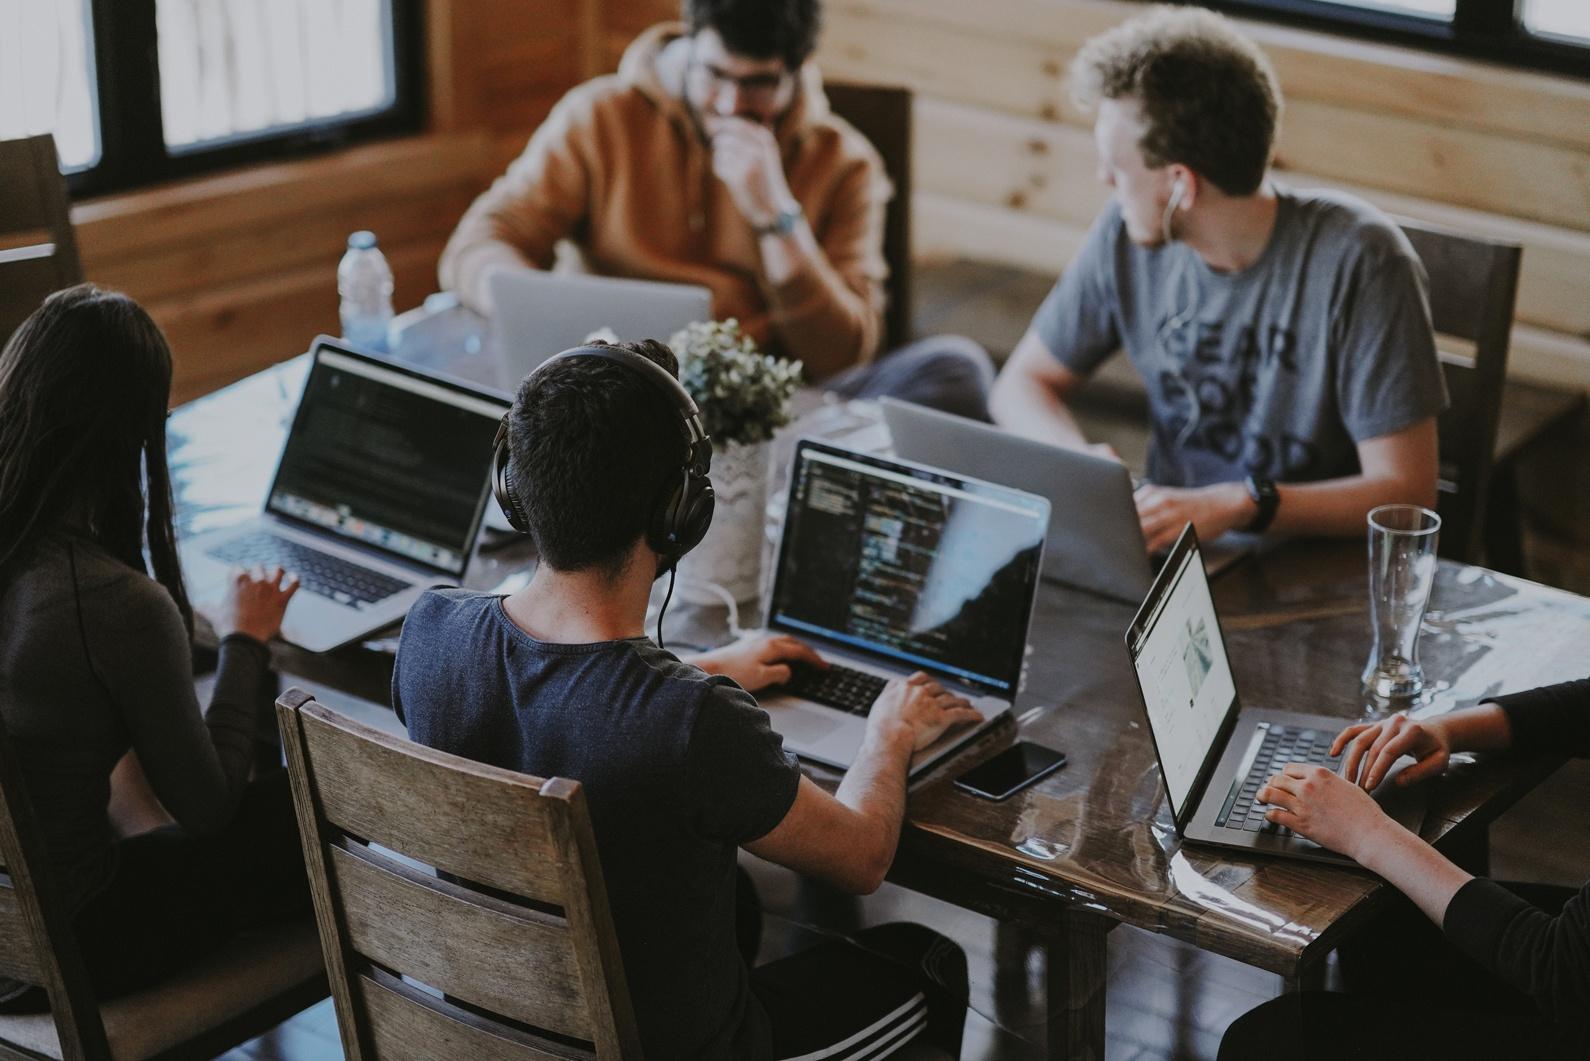 equipe pilowa devant ordinateur